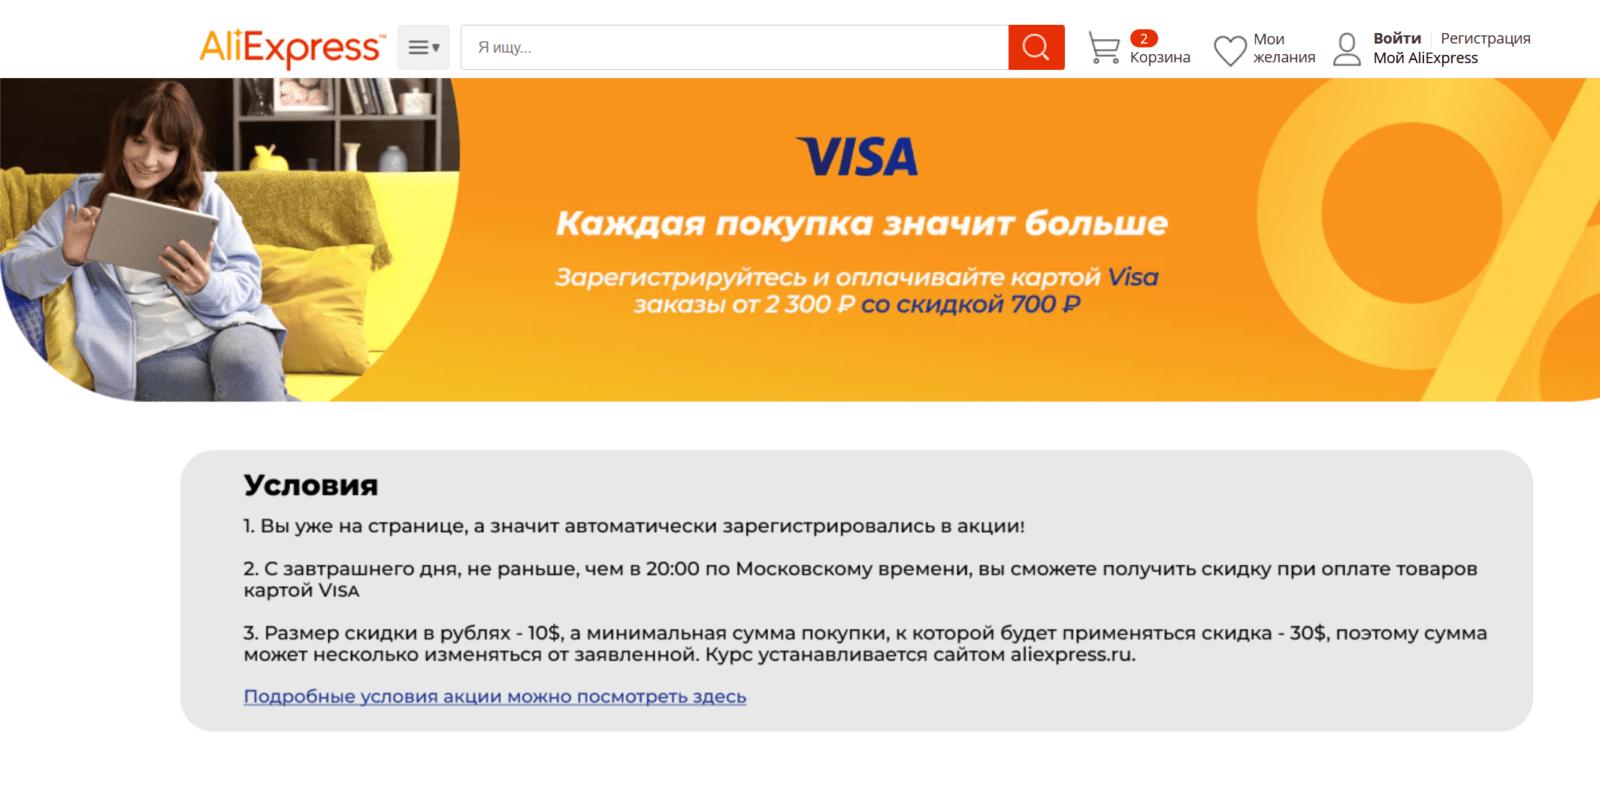 Совместная акция AliExpress и Visa